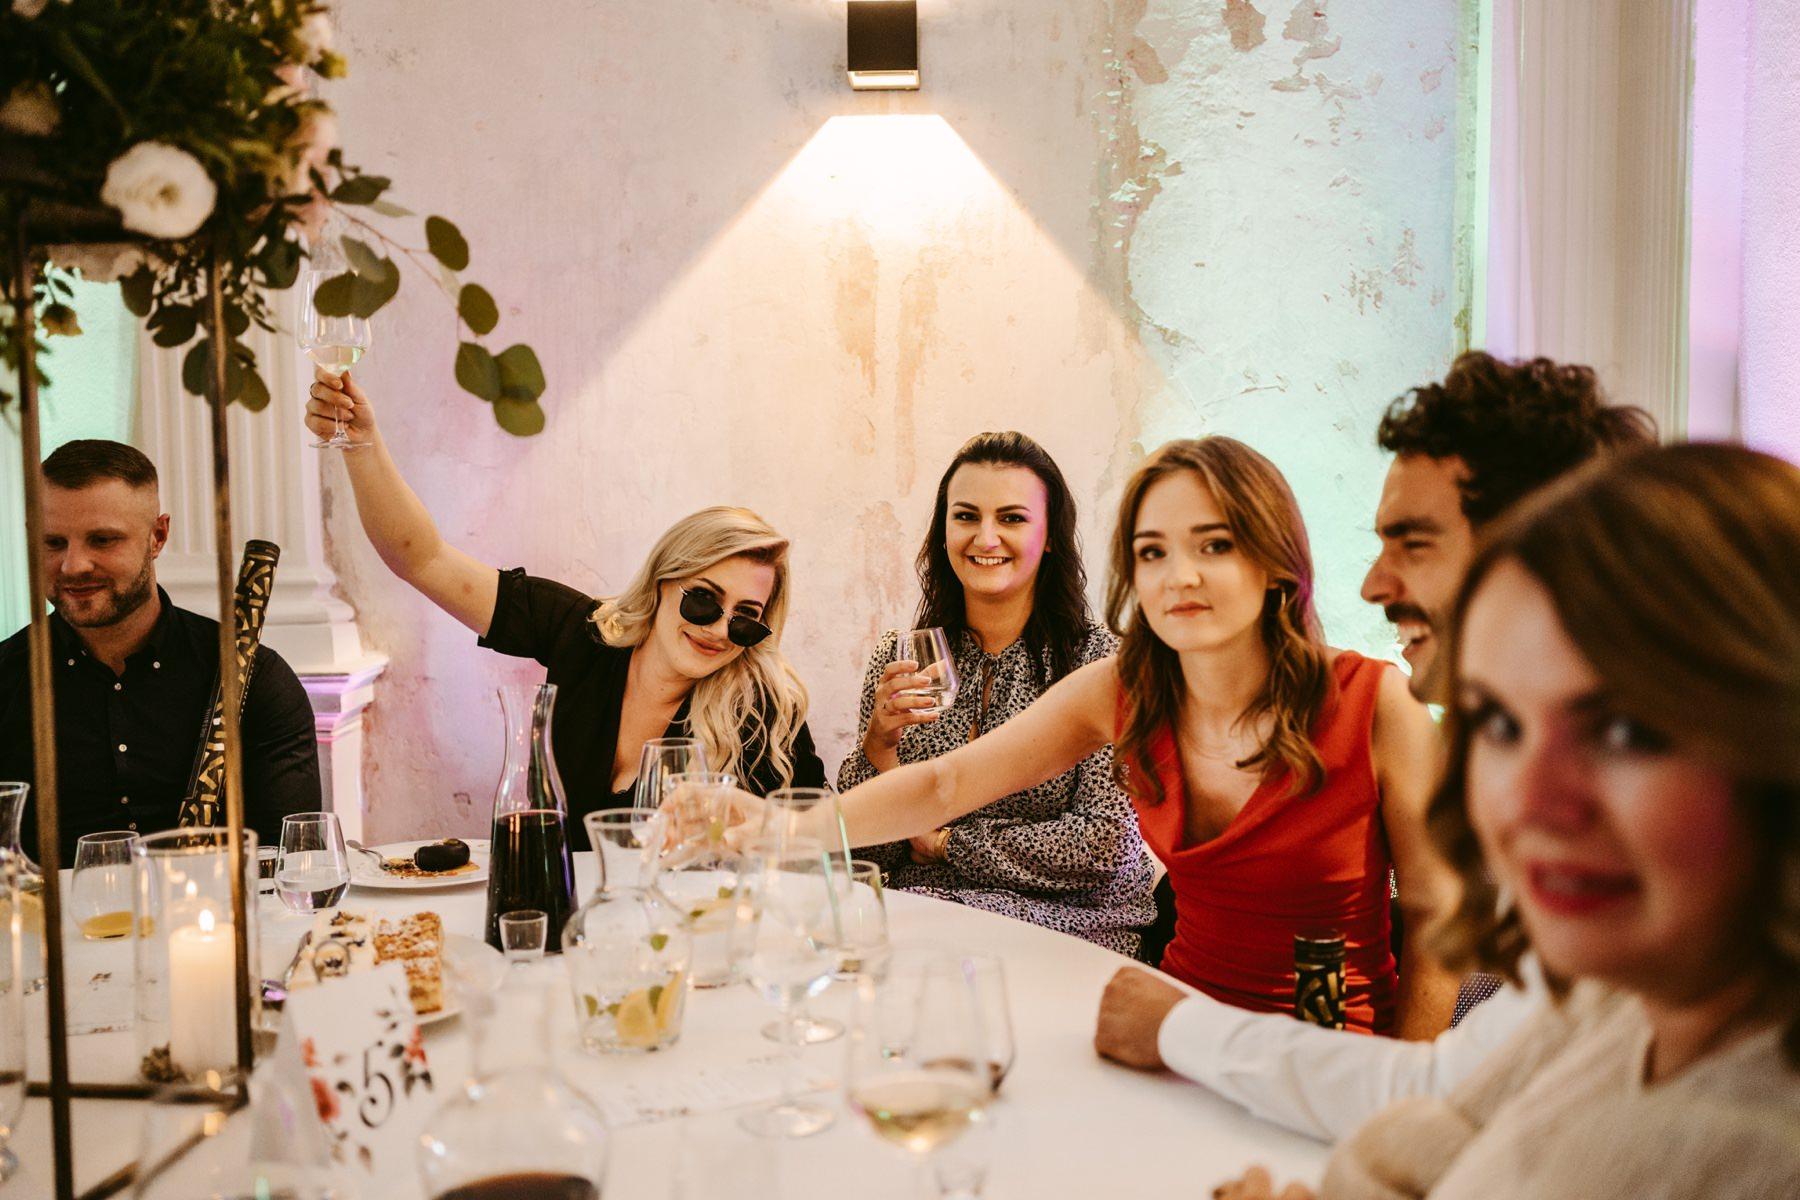 fotograf slubny bielsko, fotograf slubny bielsko-biala, zdjecia slubne bielsko, wesele w dworku new restaurant, new restaurant wesele, wesele dworek new restaurant, wesele dworek bielsko, fotograf slubny